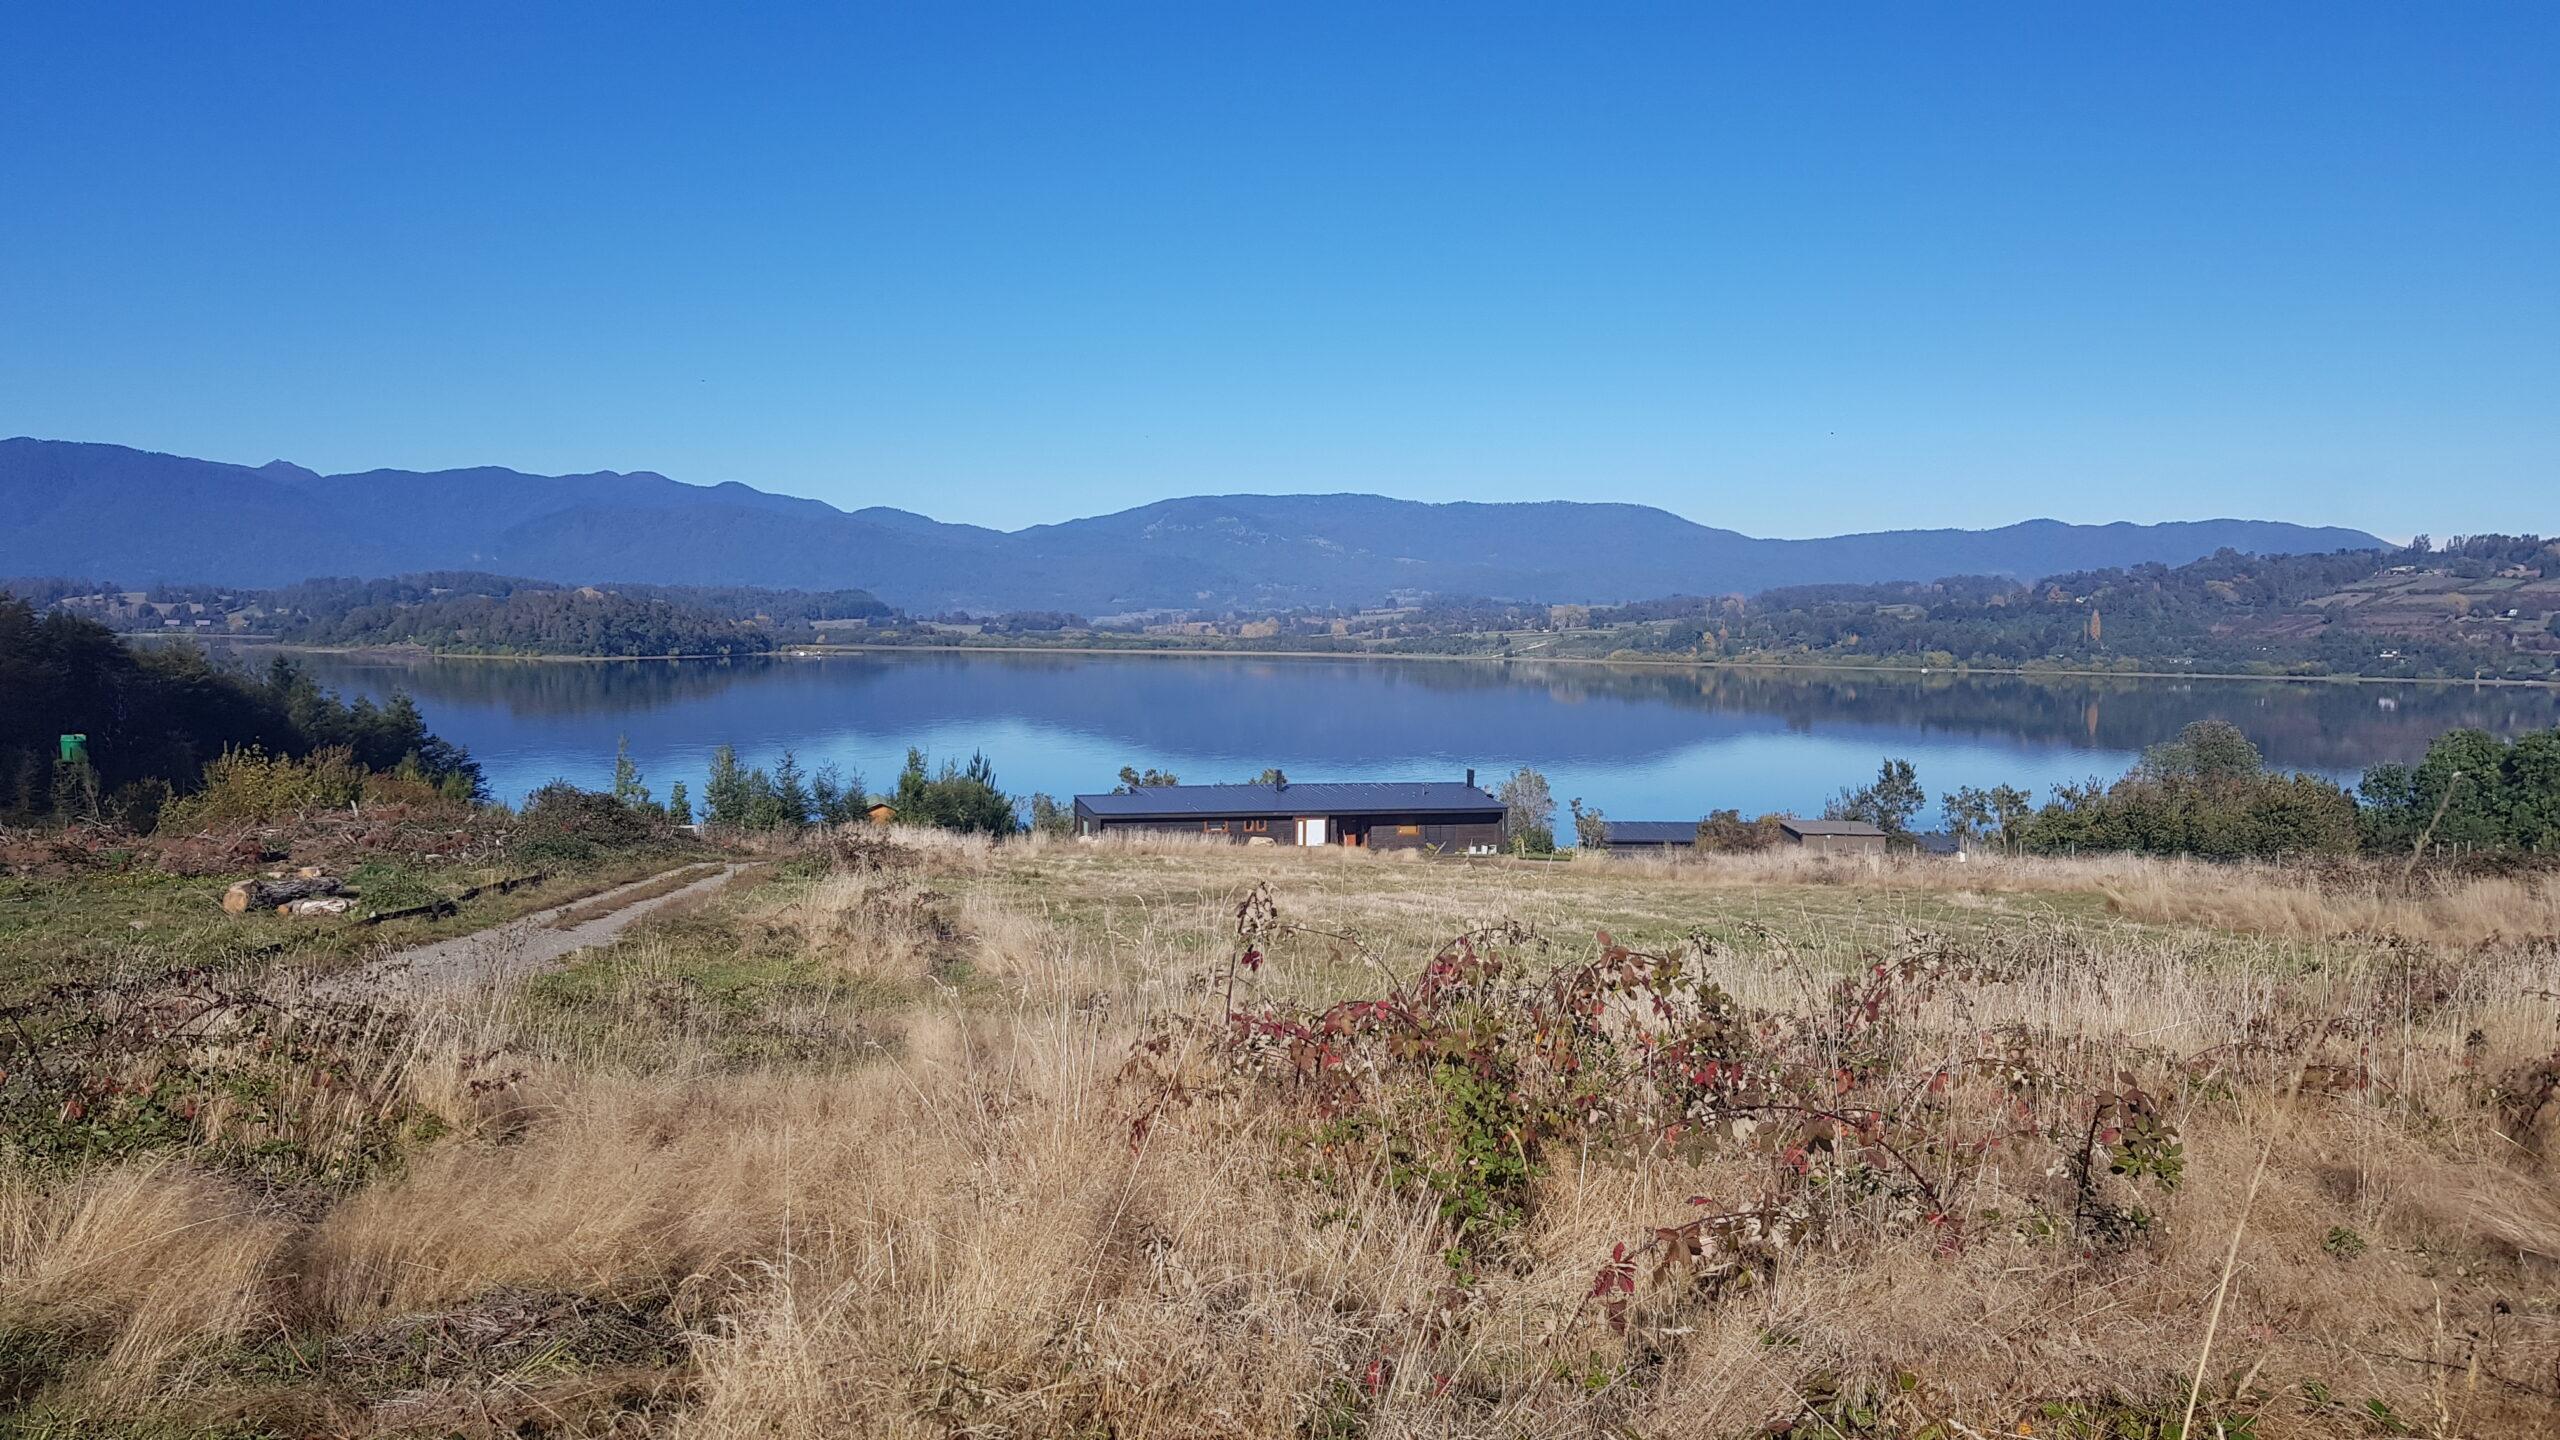 Panguipulli, parcela 0,5 hectáreas, con vista al volcán Choshuenco y acceso al lago Panguipulli.